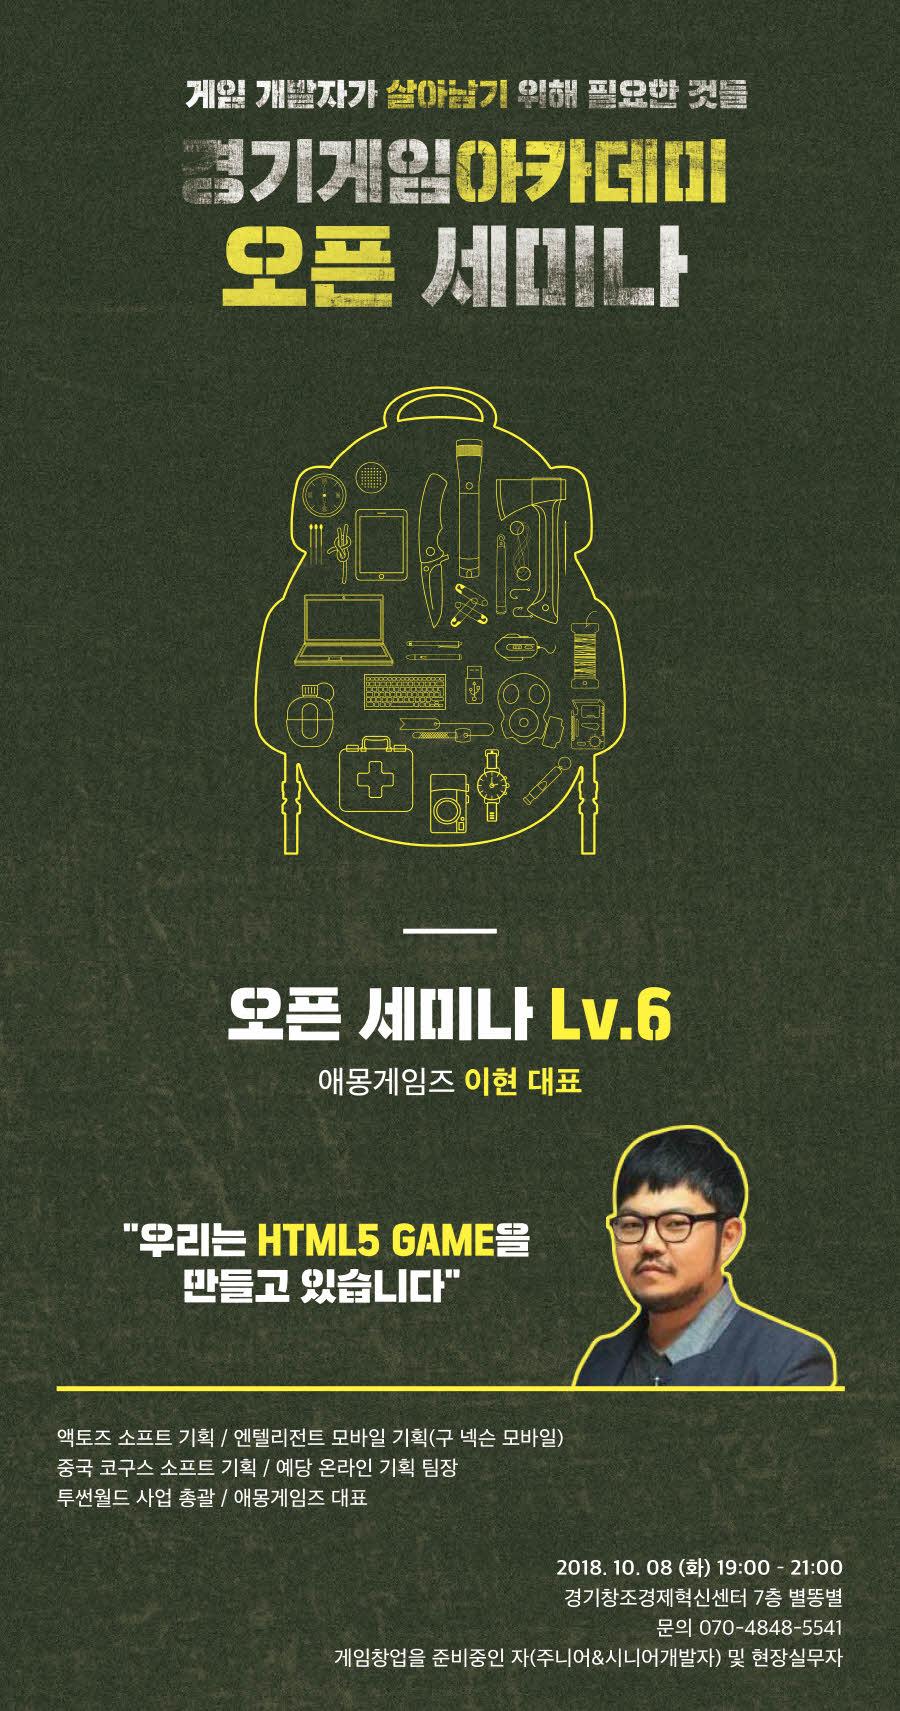 [포맷변환]크기변환_180921_gg_gameacademy_webpage_seminar_Lv6_1.jpg